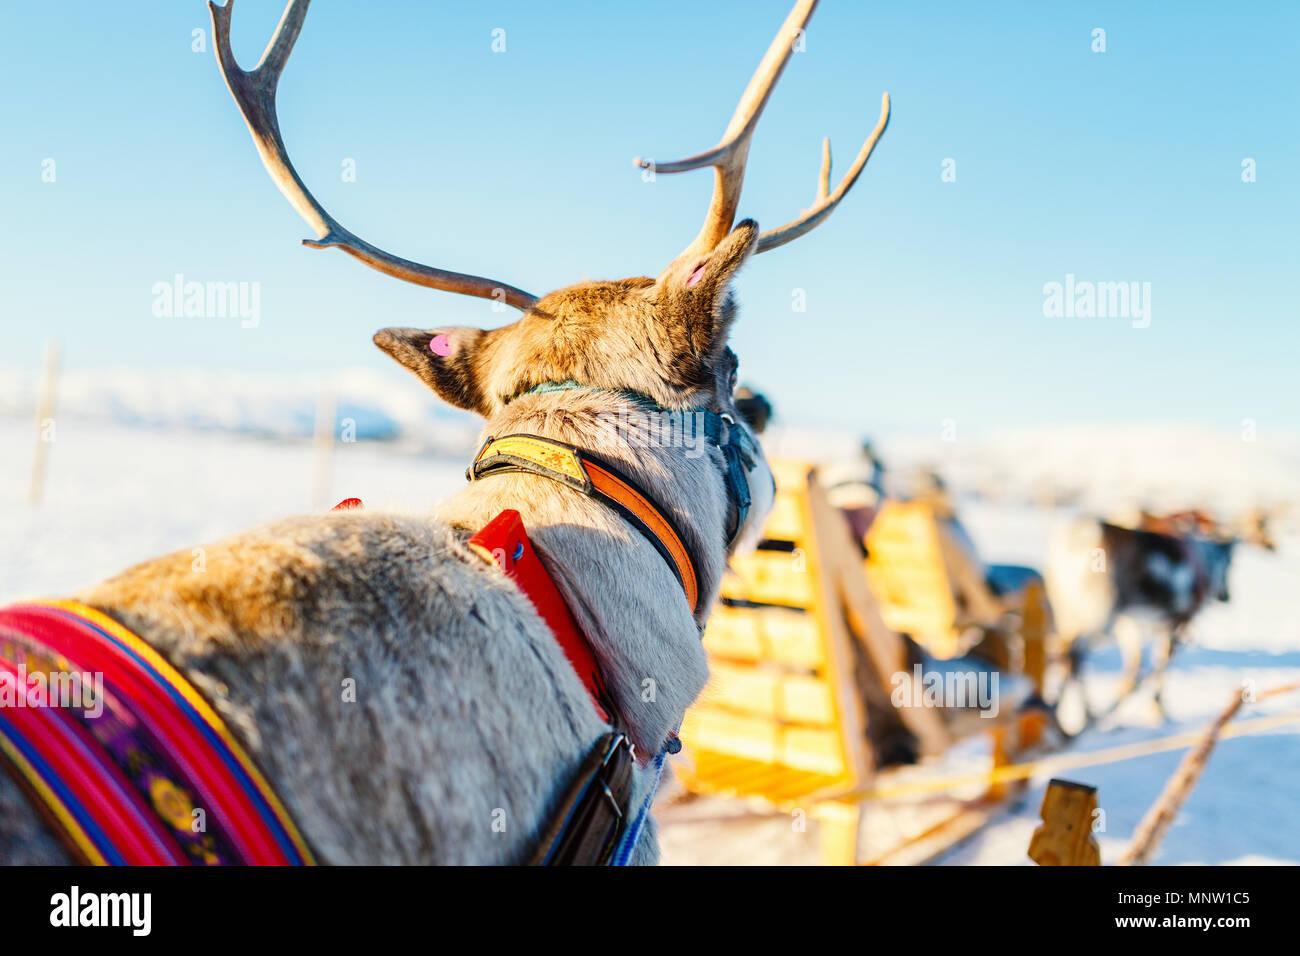 Nahaufnahme der Rentiere ziehen eines Schlittens Norden Norwegens an sonnigen Wintertag Stockbild